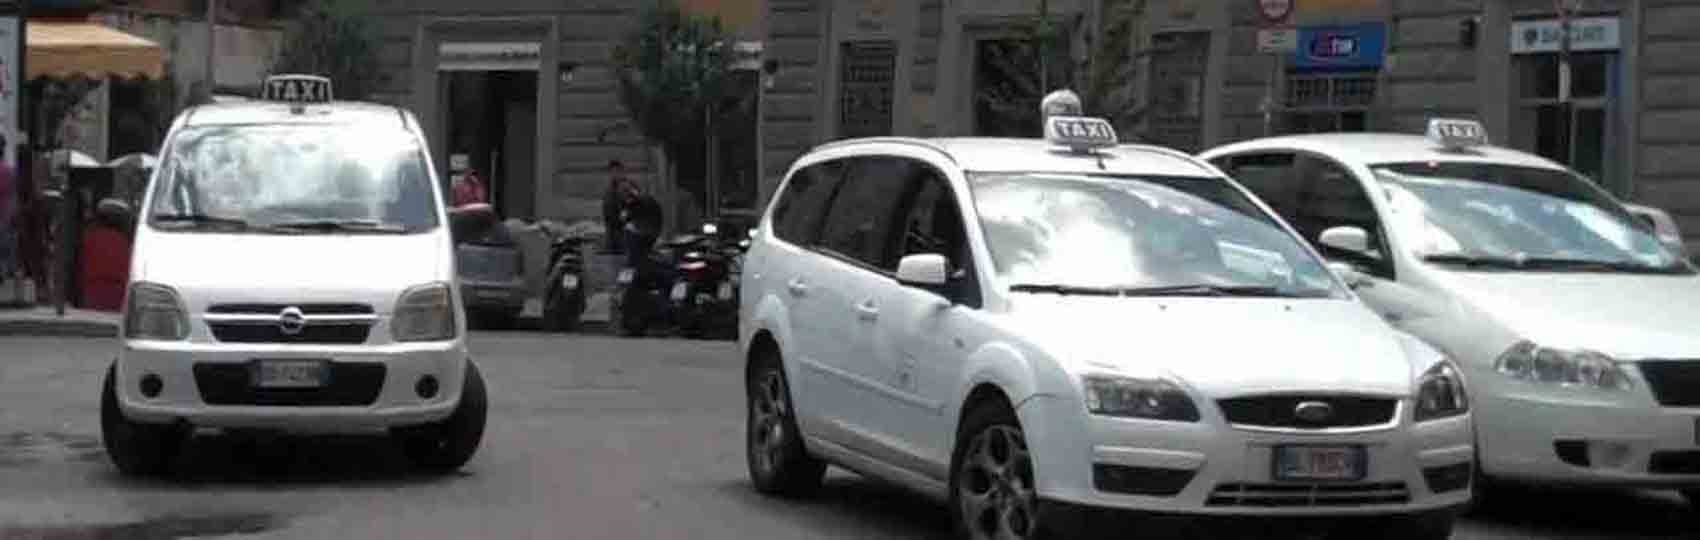 Noticias del sector del taxi y la movilidad en Italia. Mantente informado de todas las noticias del taxi de Italia en el grupo de Facebook de Todo Taxi.